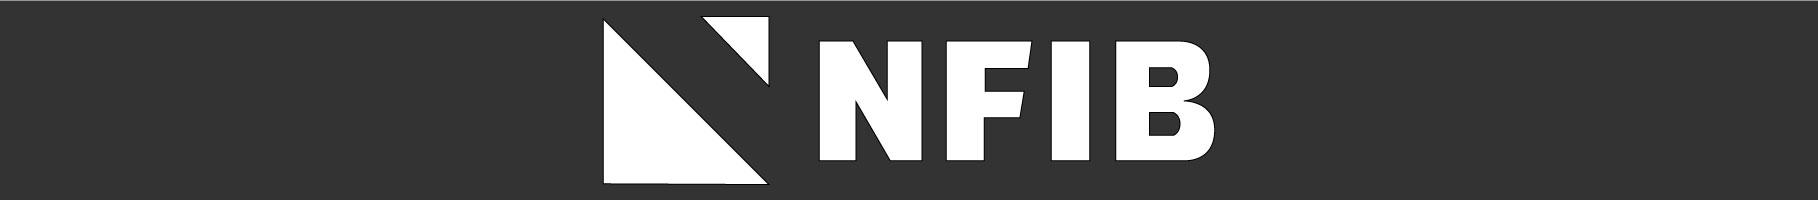 NFIB-Logo-1818x200